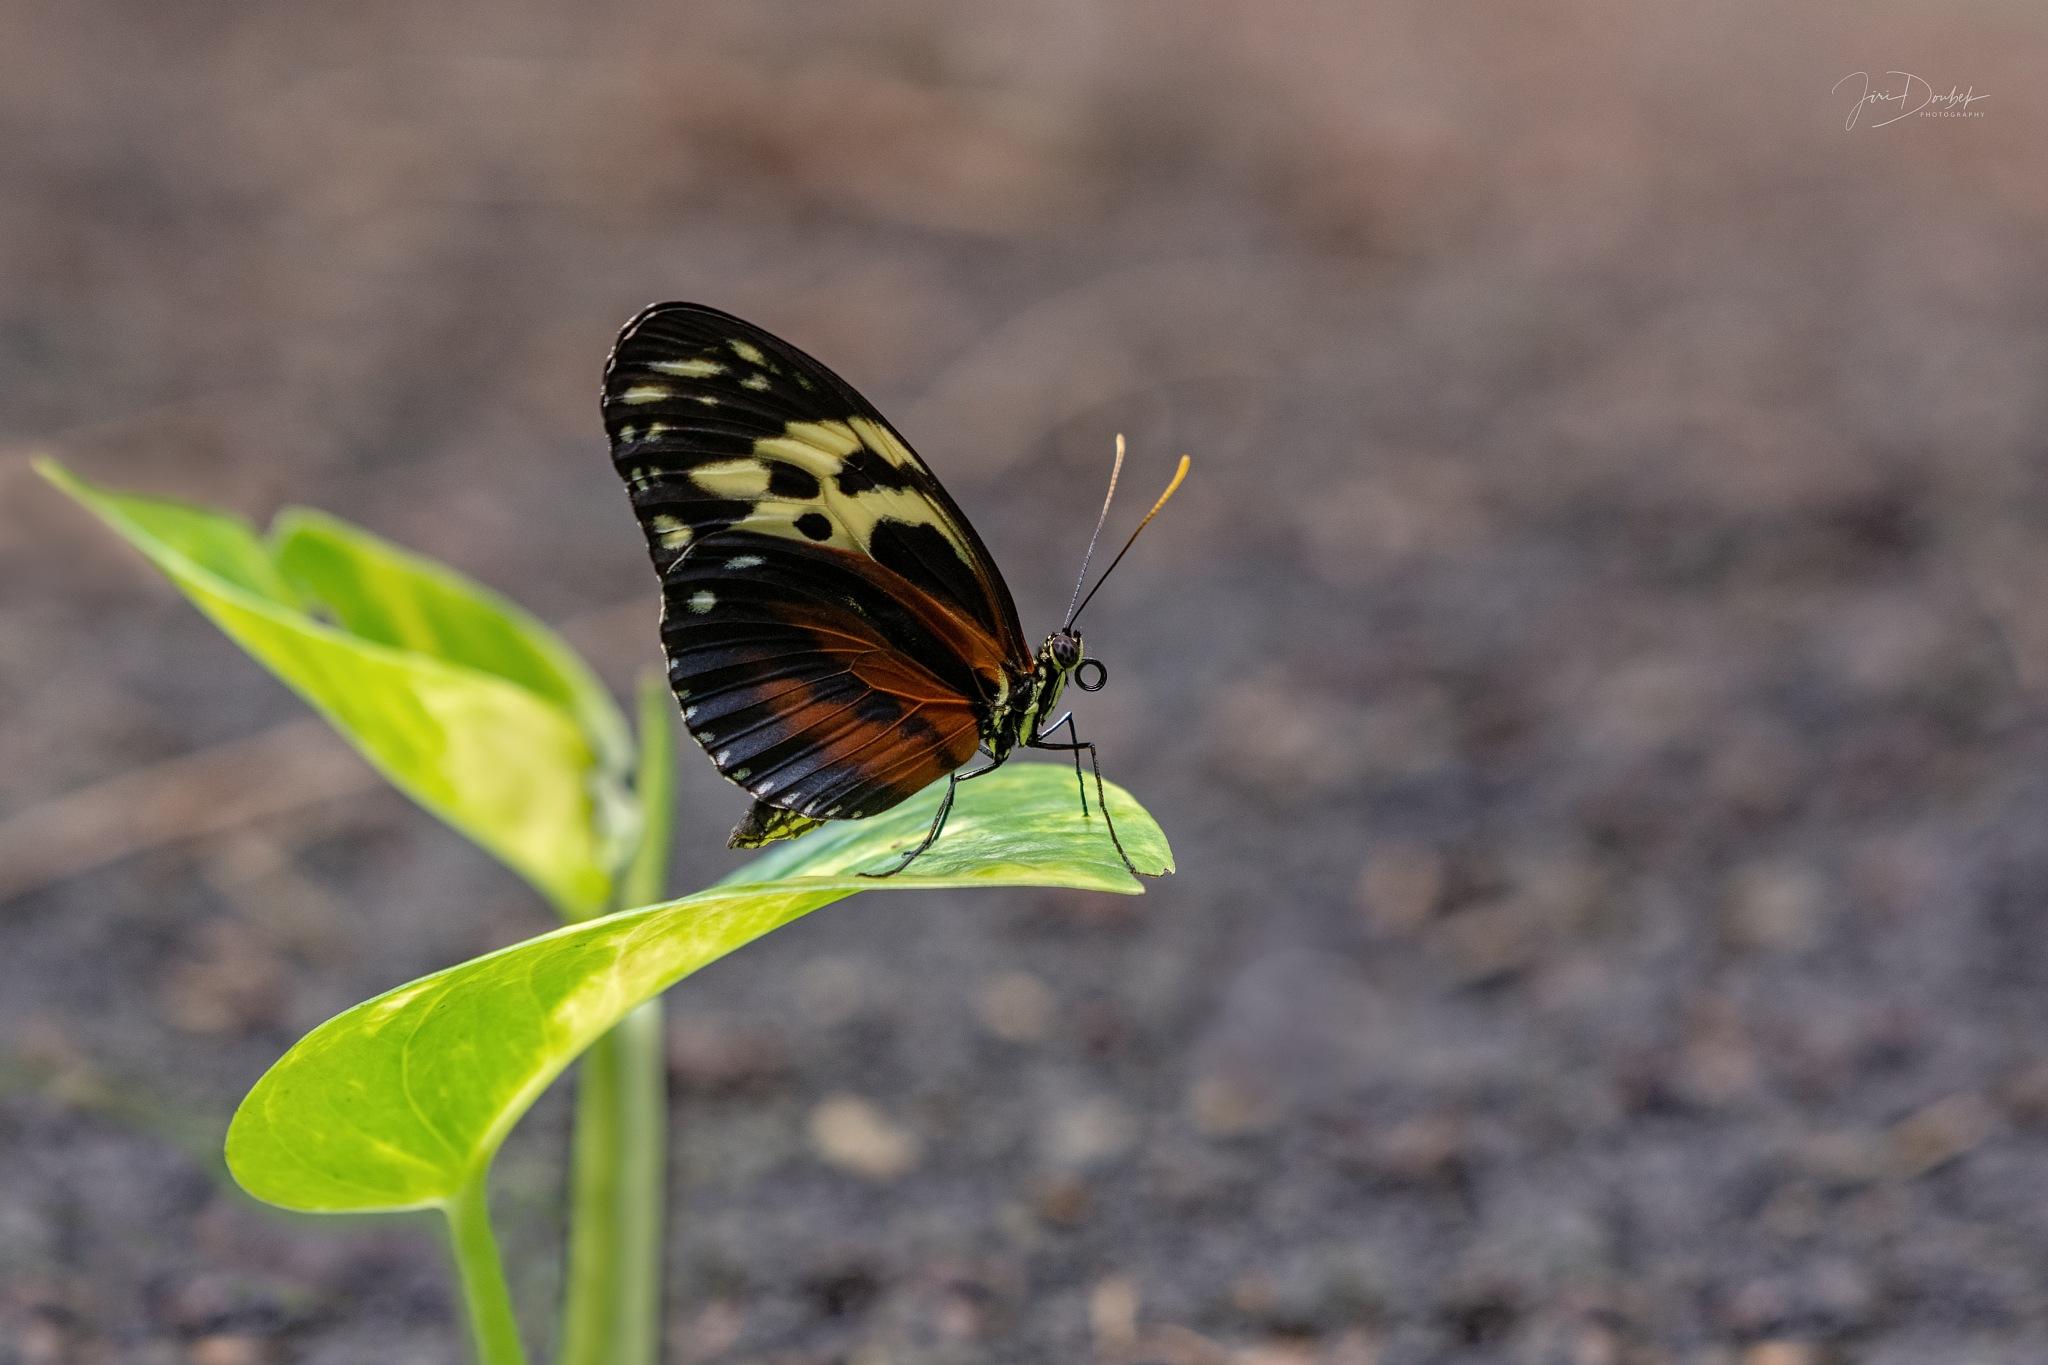 Butterfly by Jiri Doubek